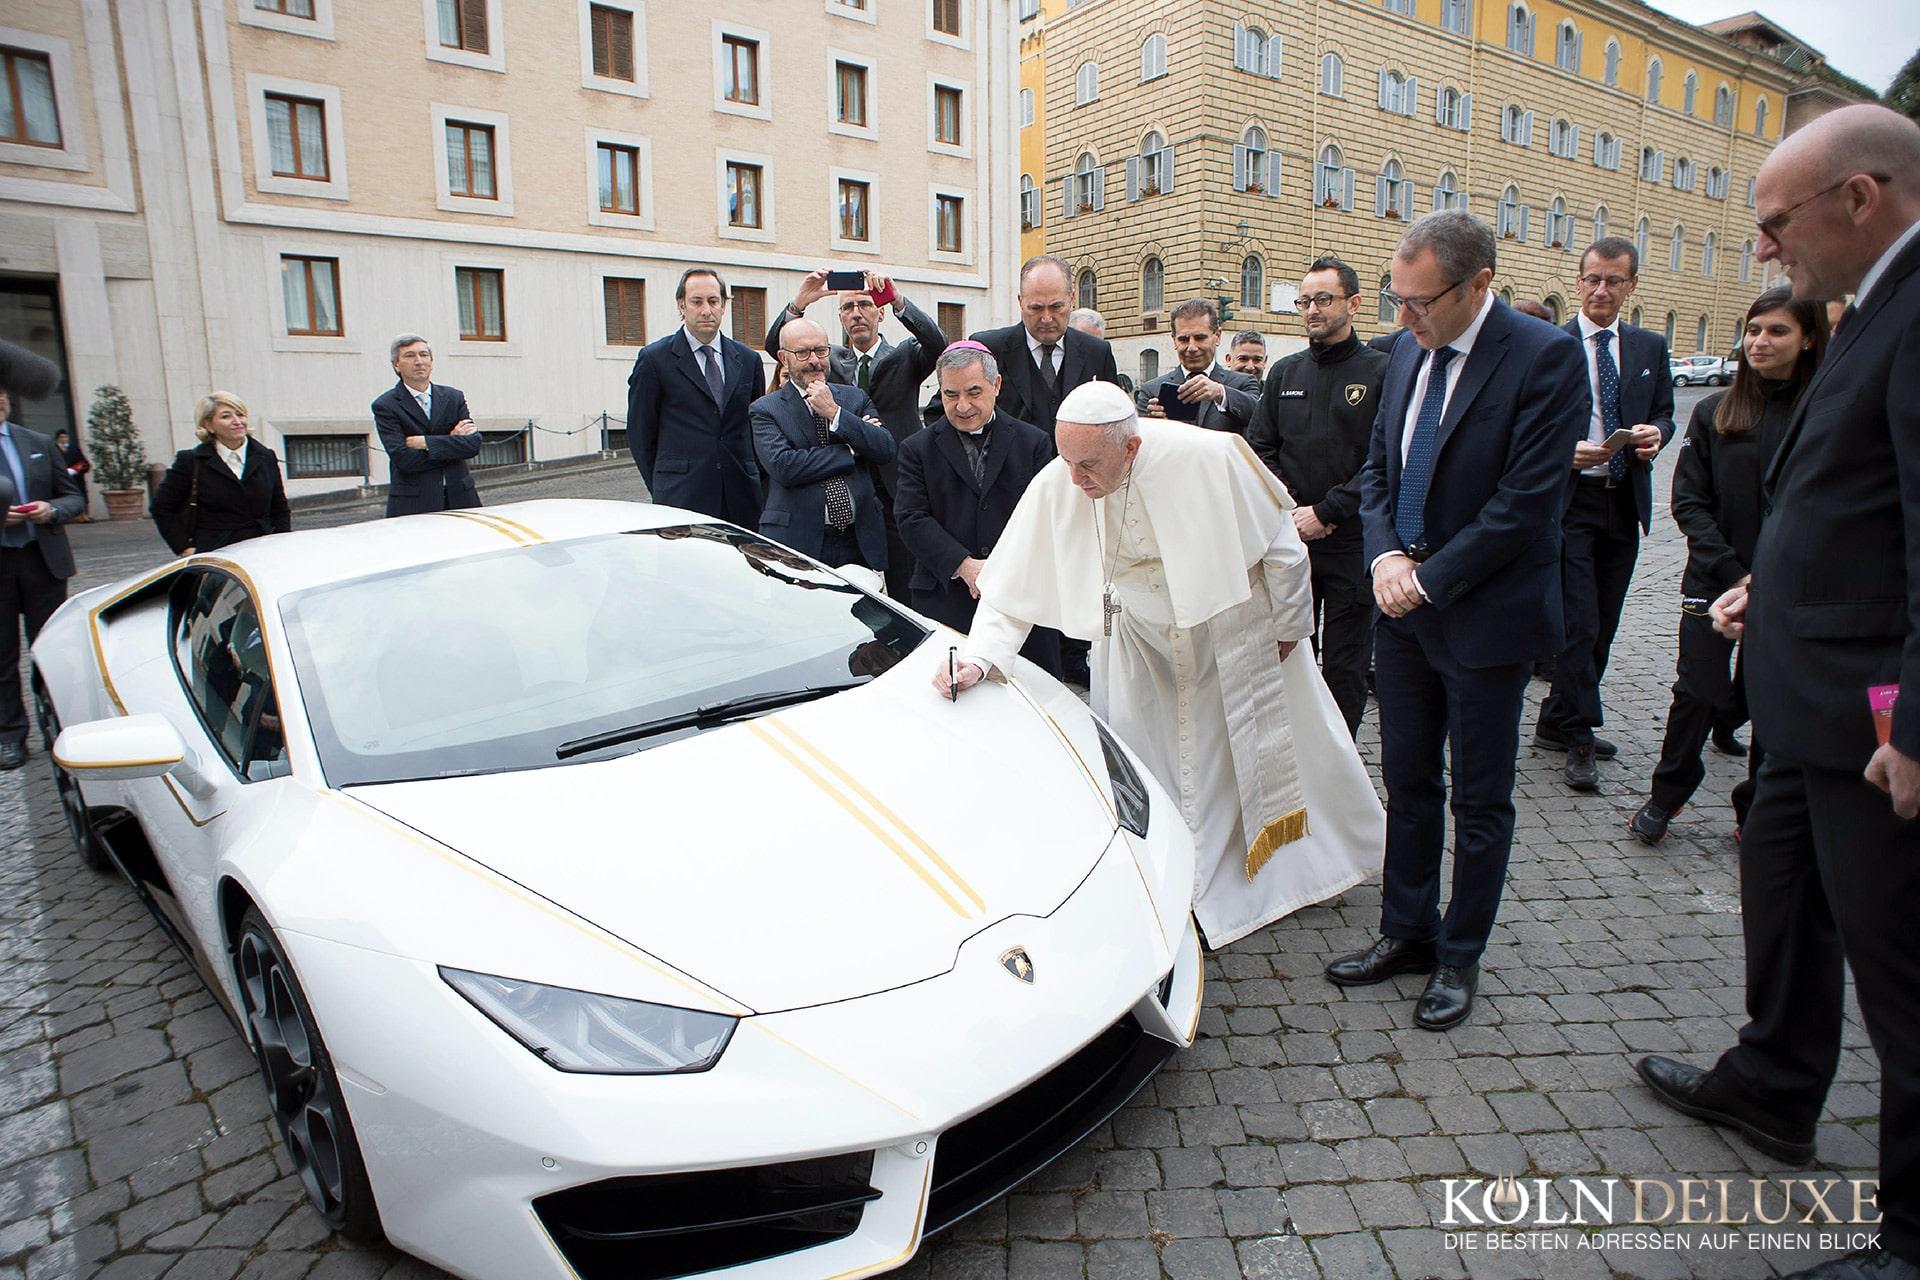 Lamborghini von Papst Franziskus für wohltätigen Zweck versteigert